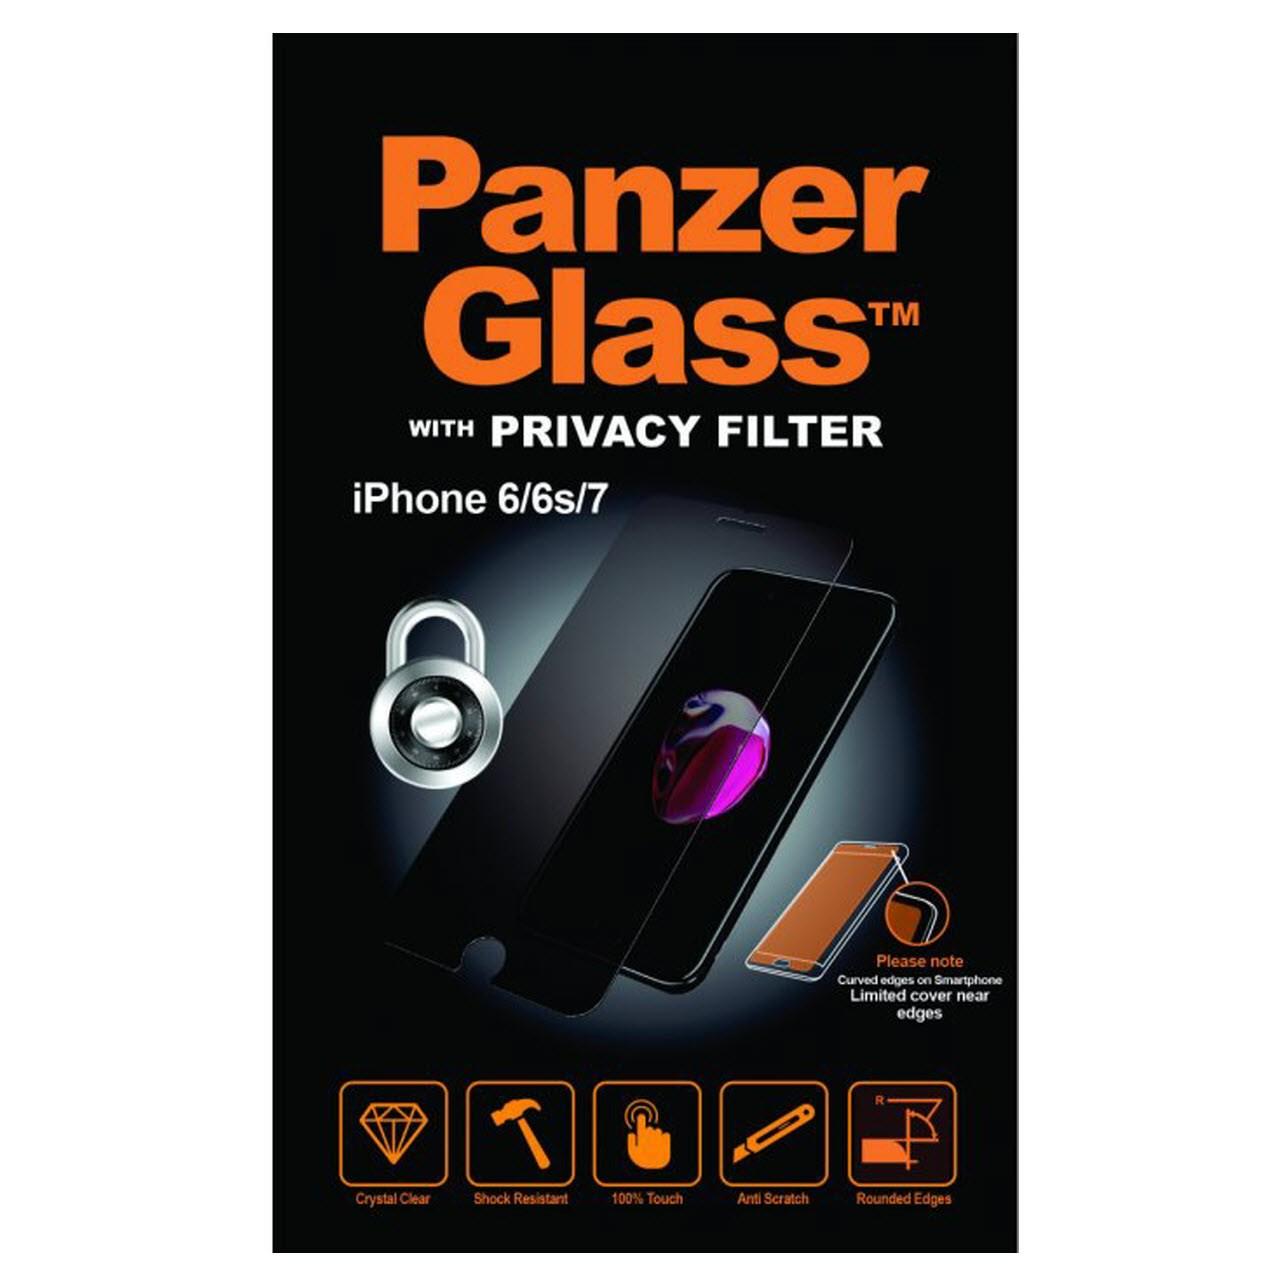 محافظ صفحه نمایش پنزر گلس مدل Privacy مناسب برای گوشی موبایل Iphone 6/6S/7